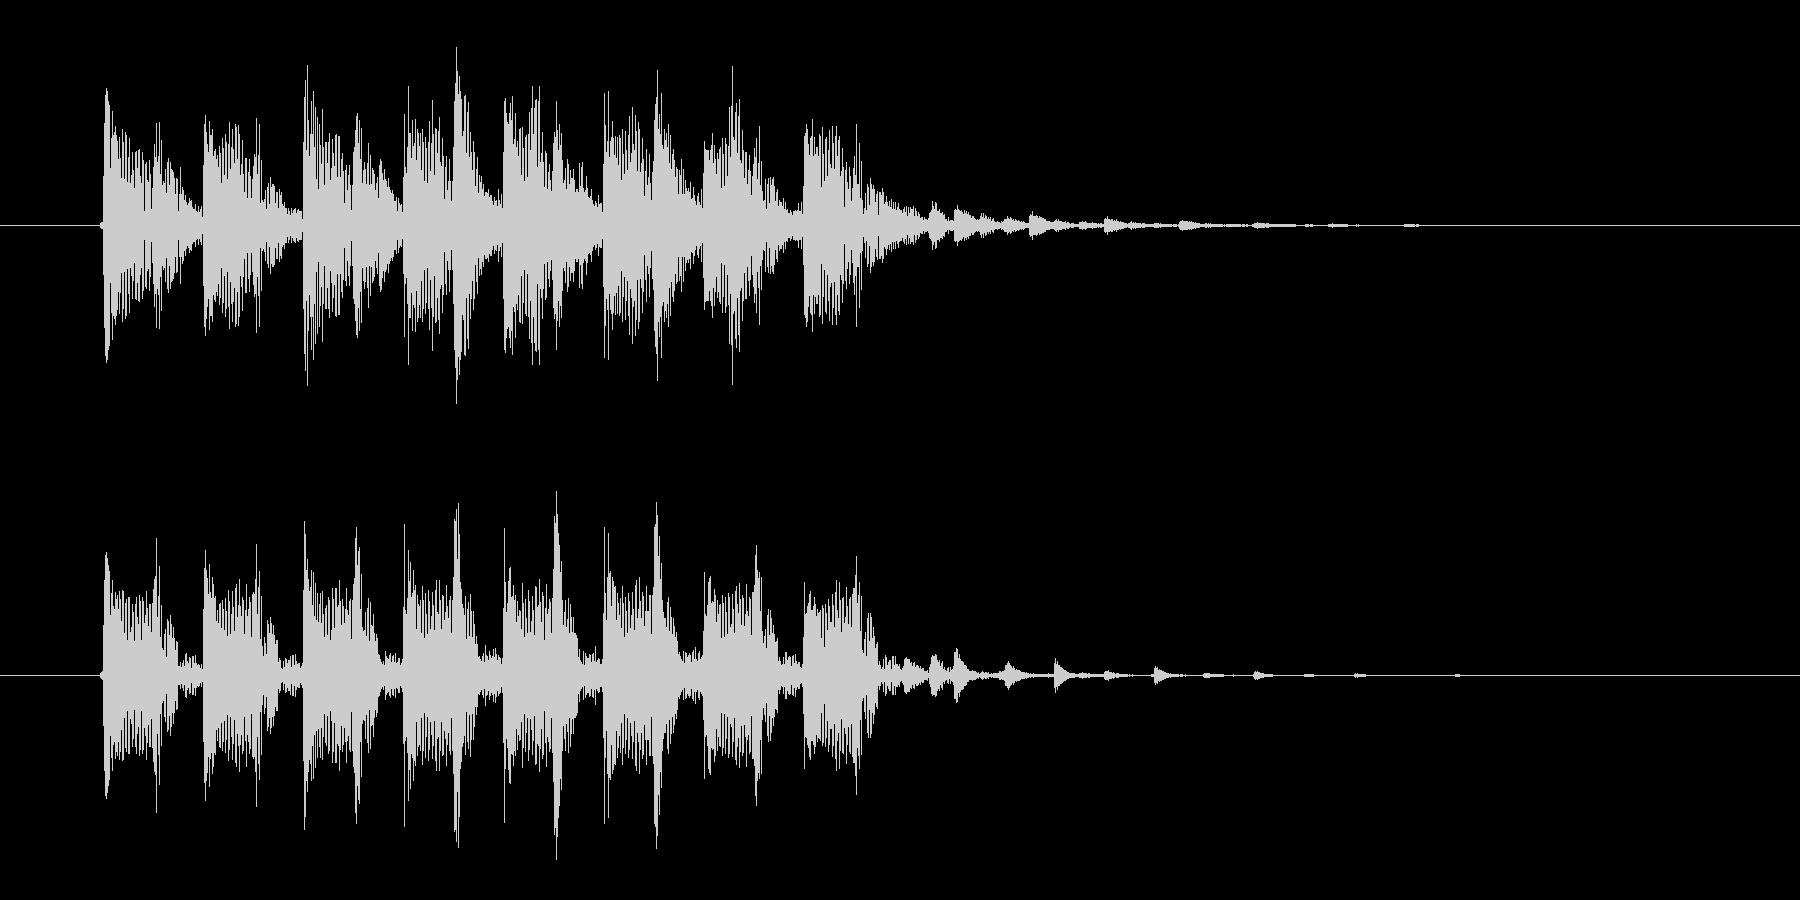 クールで暗めなテクノポップスのジングル曲の未再生の波形